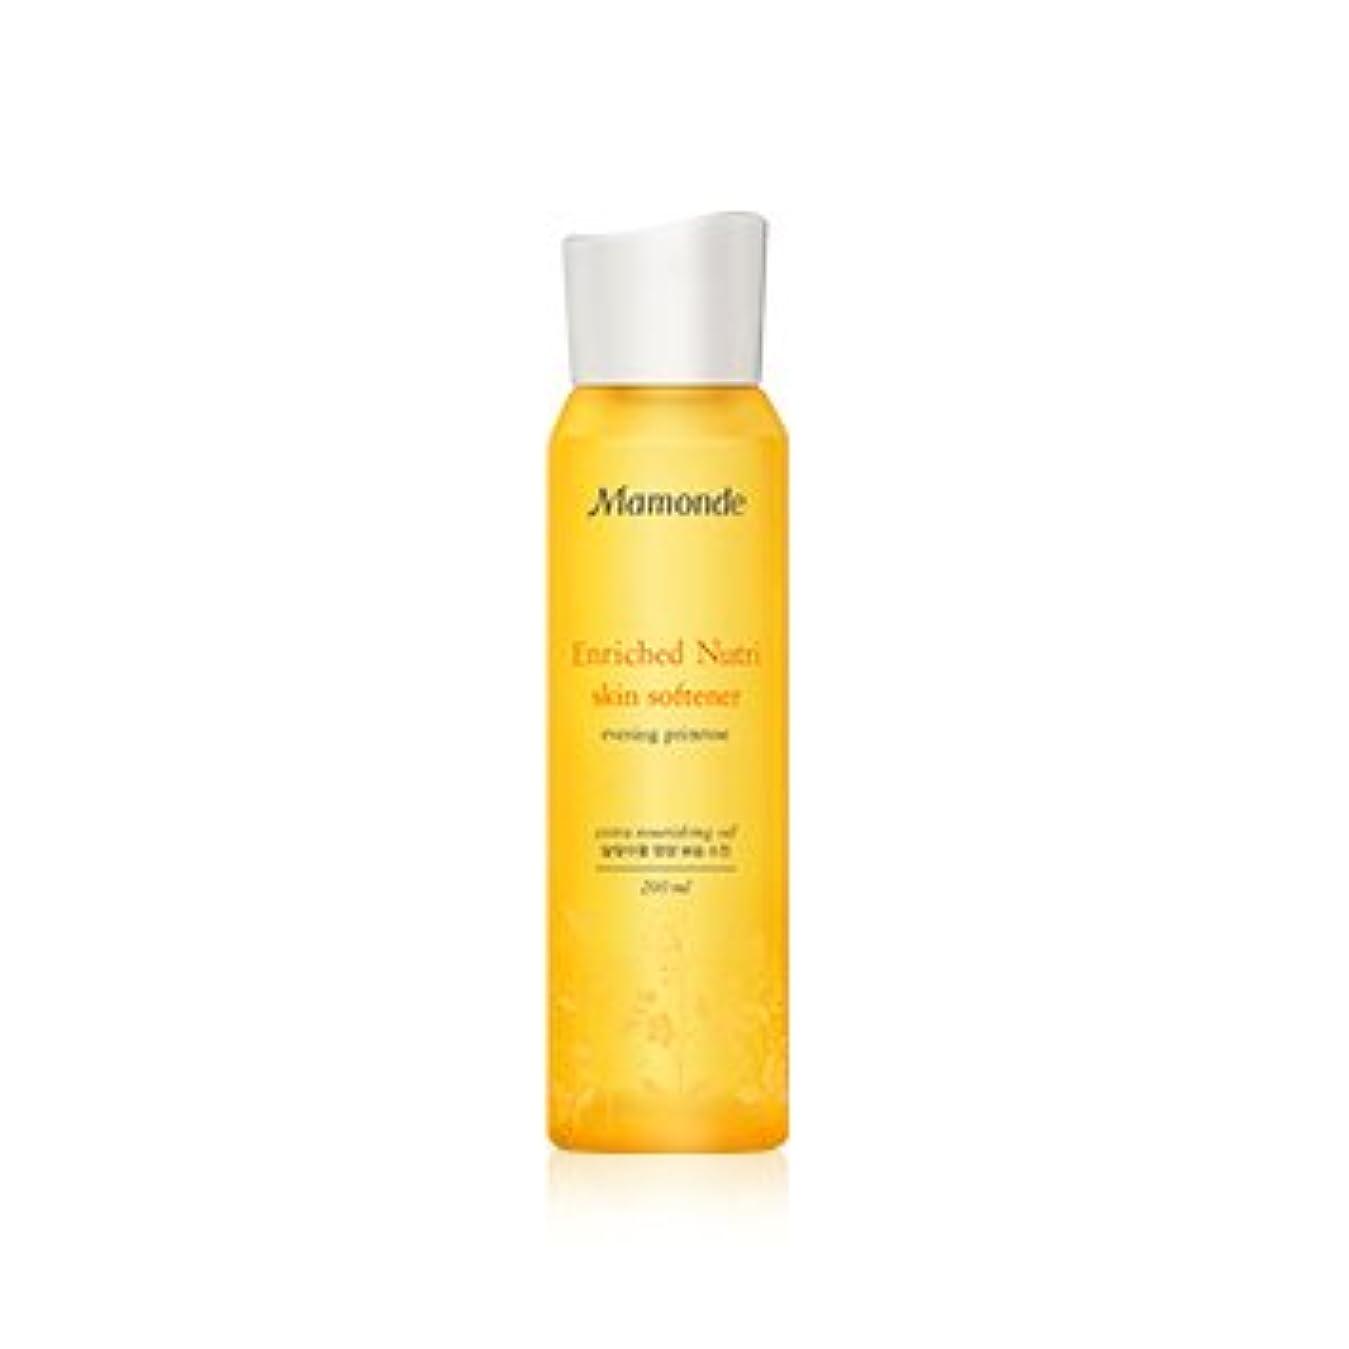 洞窟従順混乱した[New] Mamonde Enriched Nutri Skin Softener 200ml/マモンド エンリッチド ニュートリ スキン ソフナー 200ml